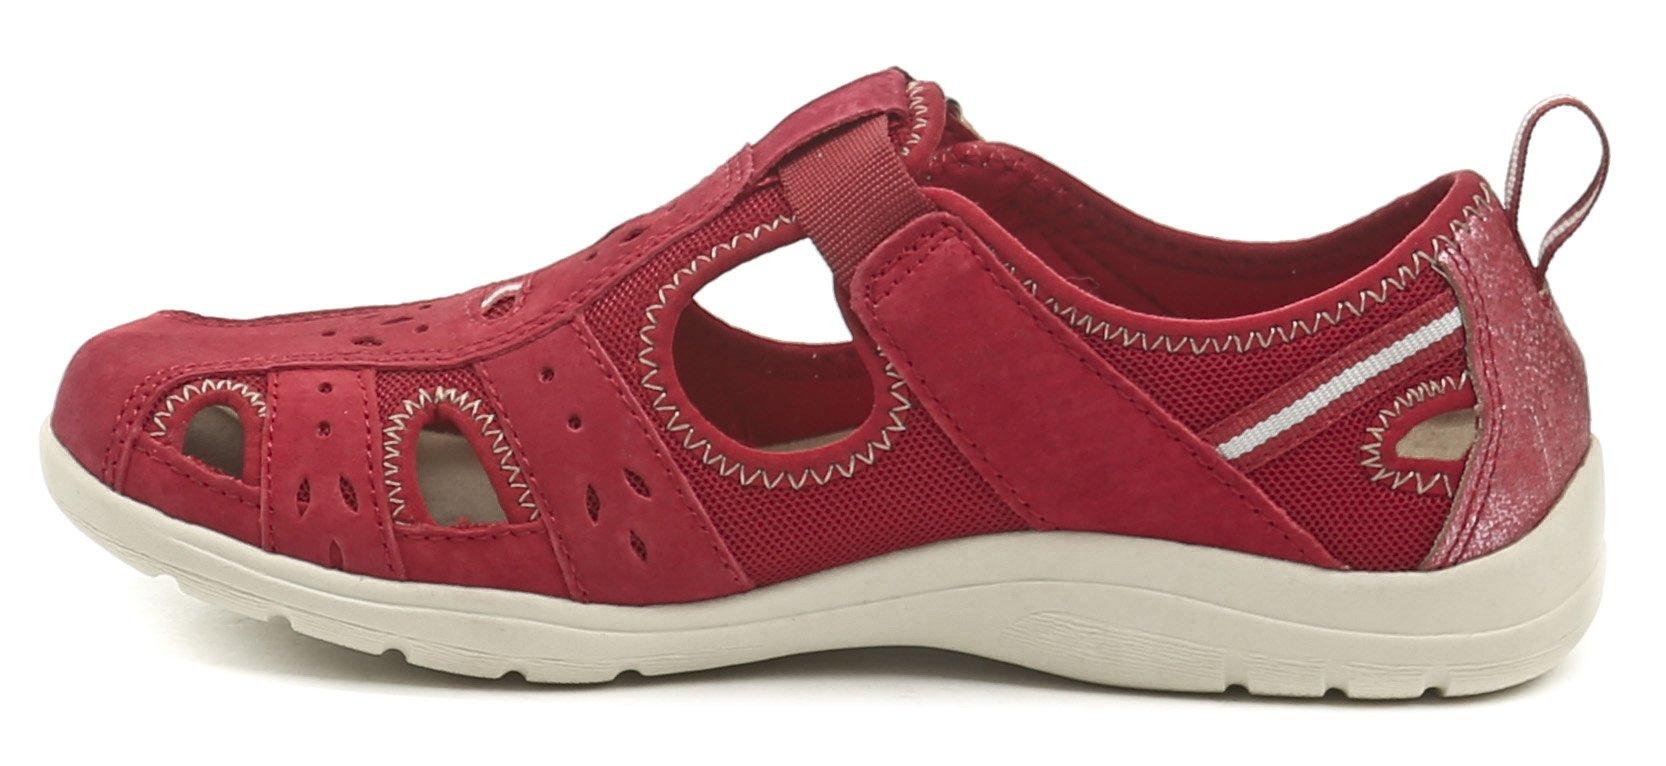 Earth Spirit Cleveland červená dámská letní obuv  30fd21822f2